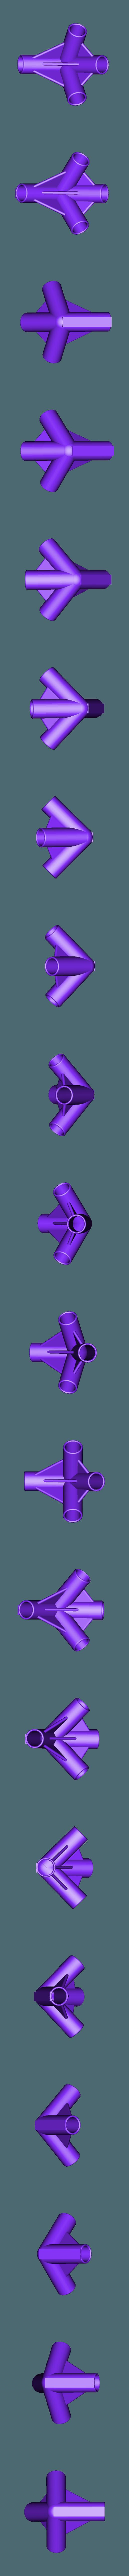 Gazebo_4_pole_replacement_part.stl Télécharger fichier STL gratuit Pièces de rechange pour les gloriettes 3 et 4 poteaux • Design à imprimer en 3D, Sagittario